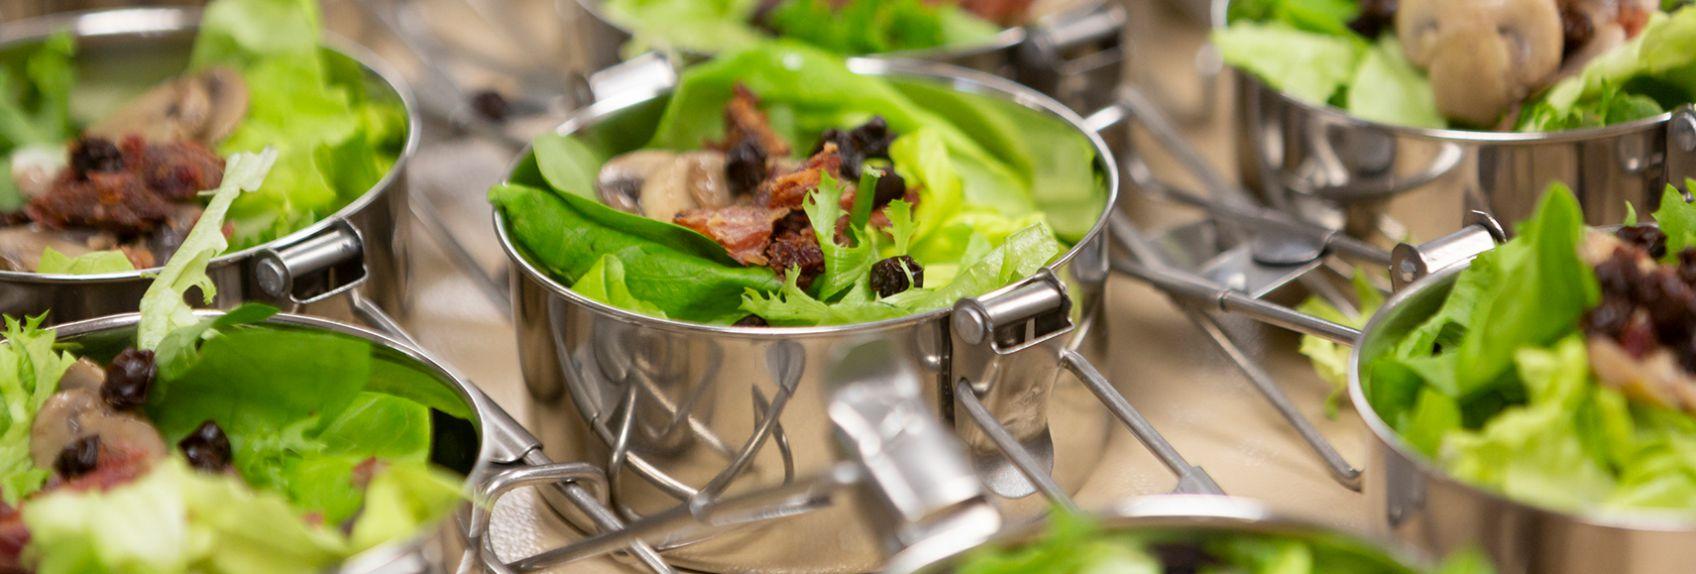 Baldor Supports a Zero Waste Dinner